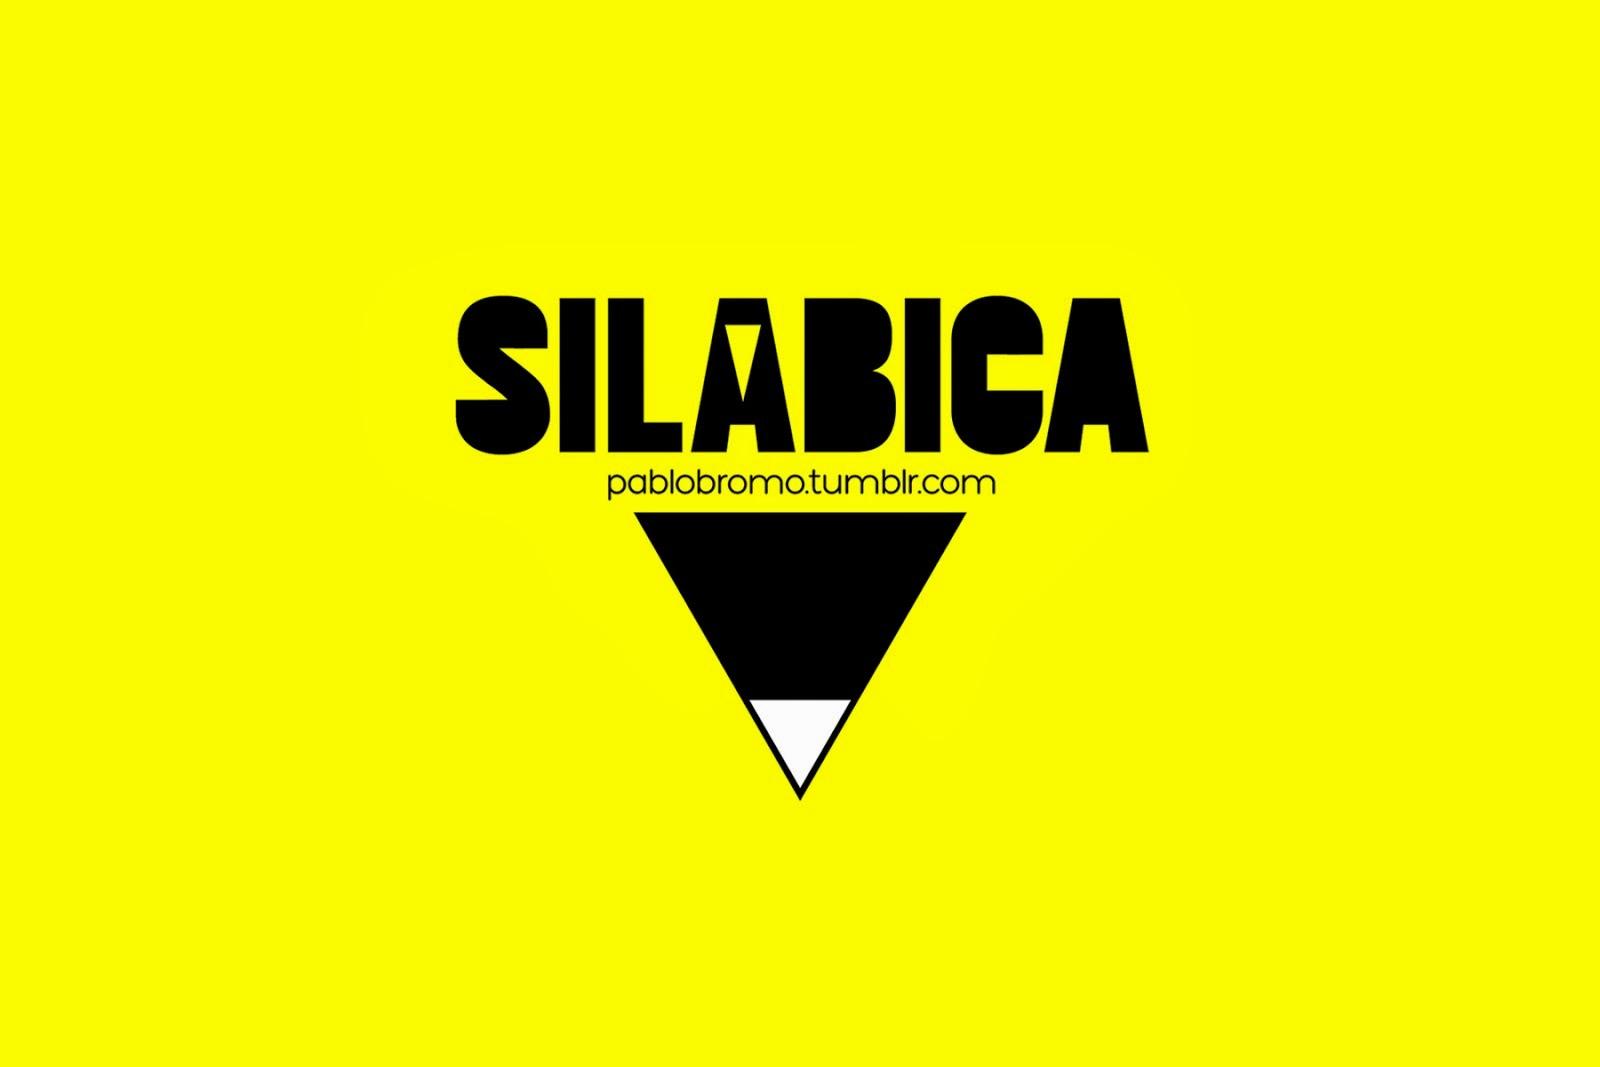 SILÁBICA en Tumblr